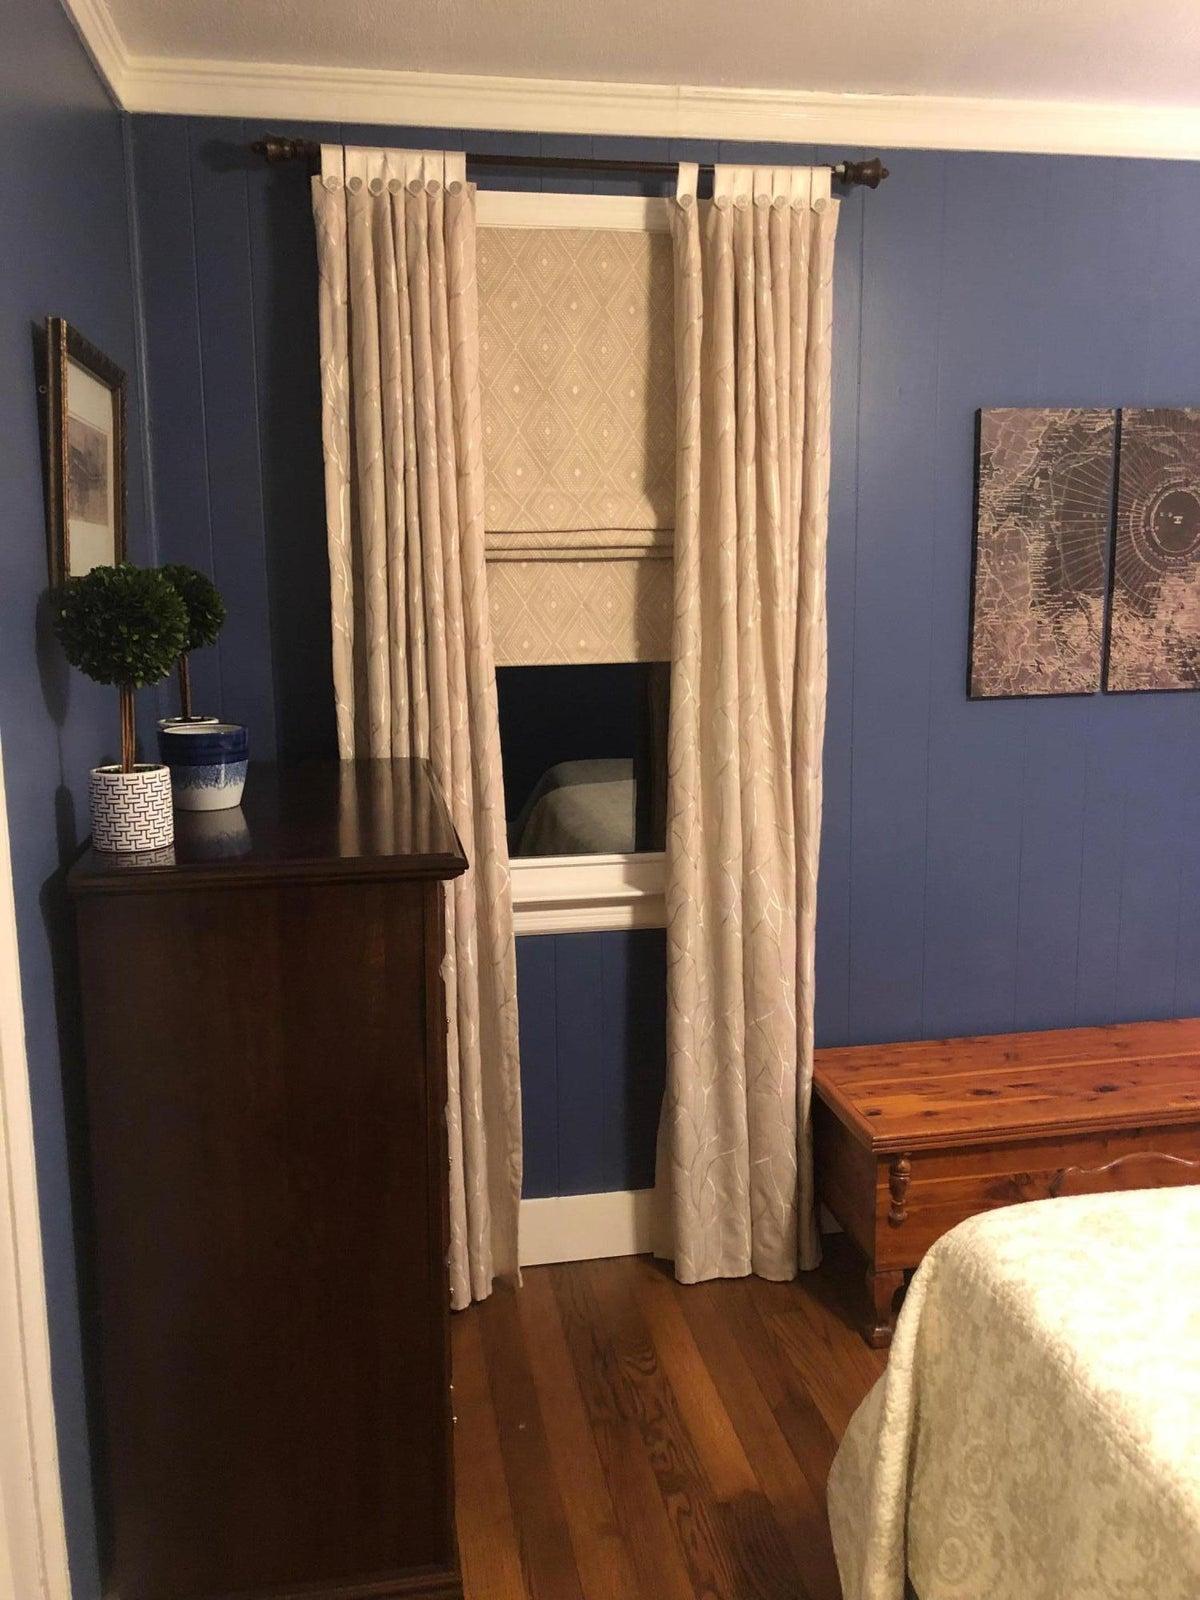 BEDROOM 1 WINDOW VIEW